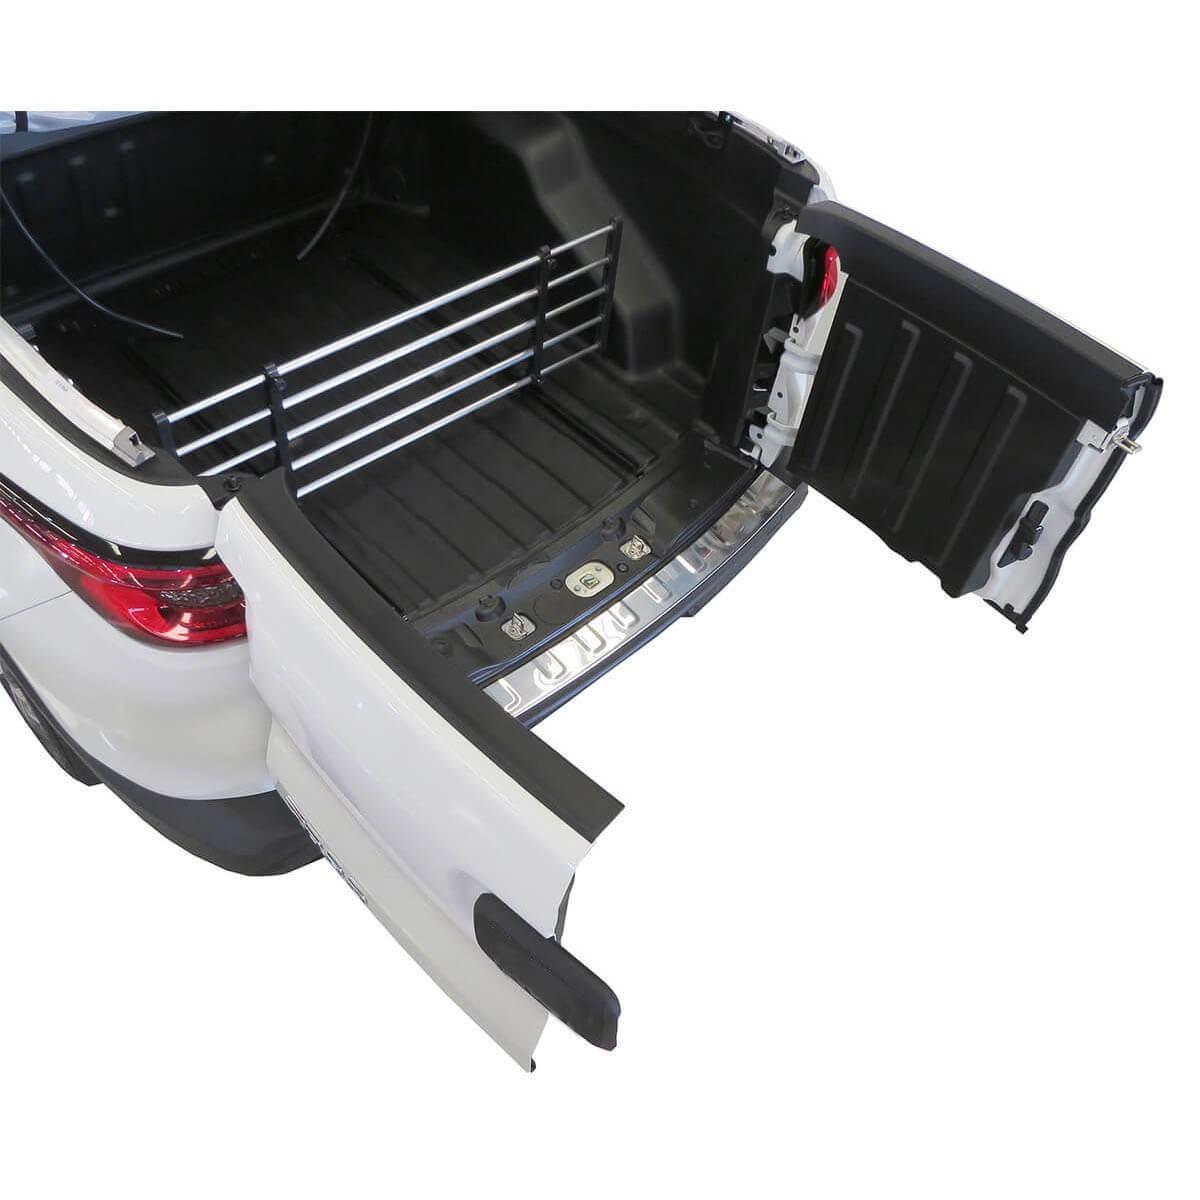 Divisor separador de cargas caçamba Fiat Toro 2017 2018